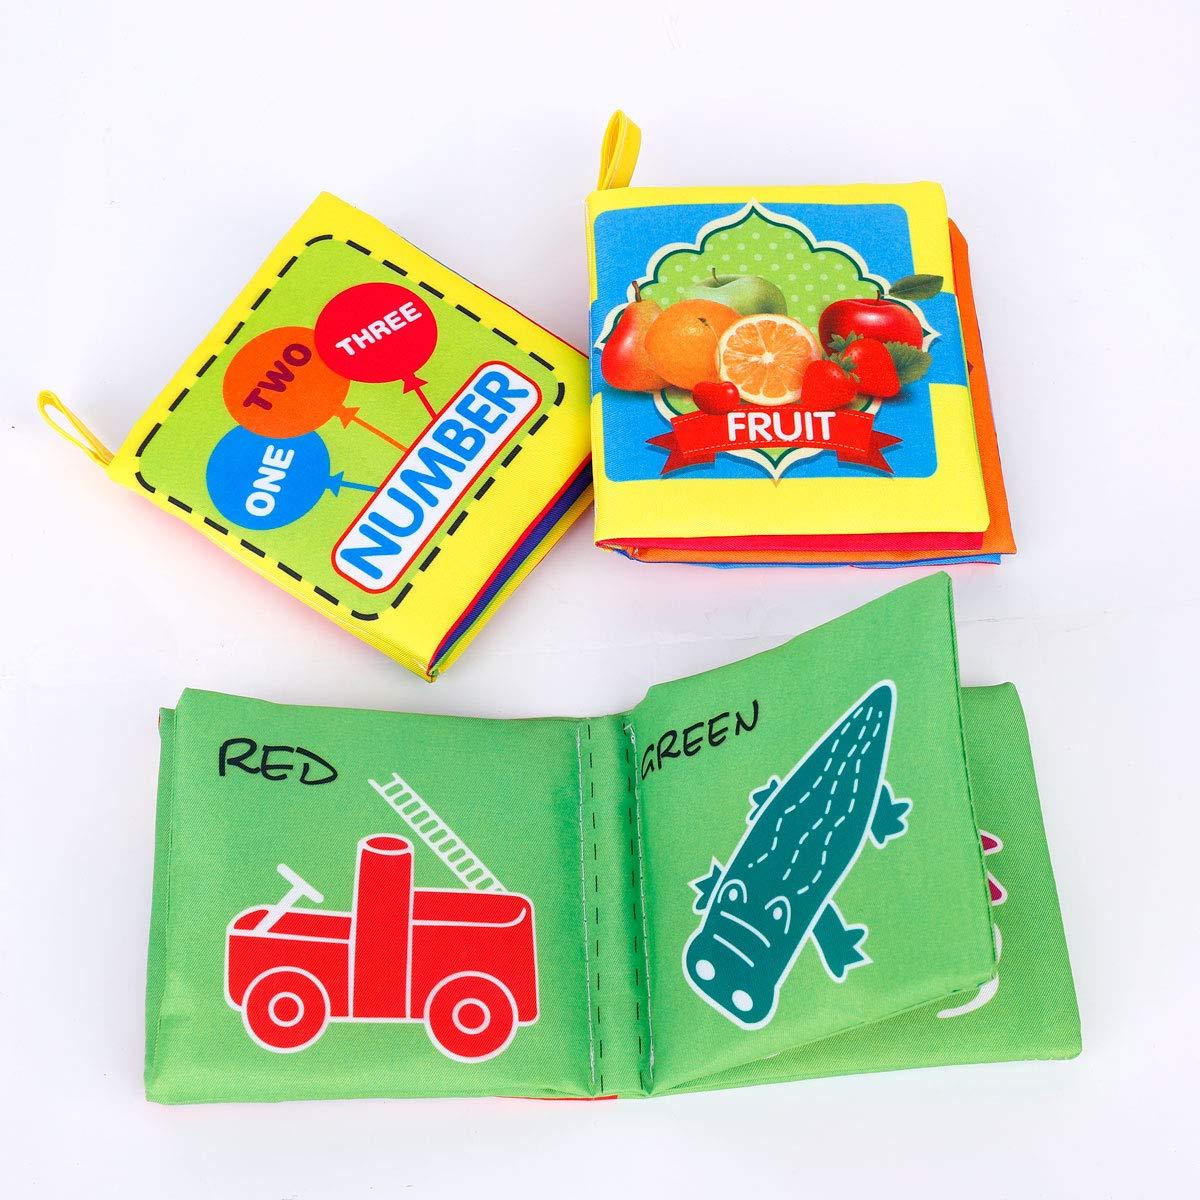 Libro de Tela Lavable Blandos Libro de Cognitivos de Tela Suave Educación Juguetes de Bebé 3 piezas MaoXinTek